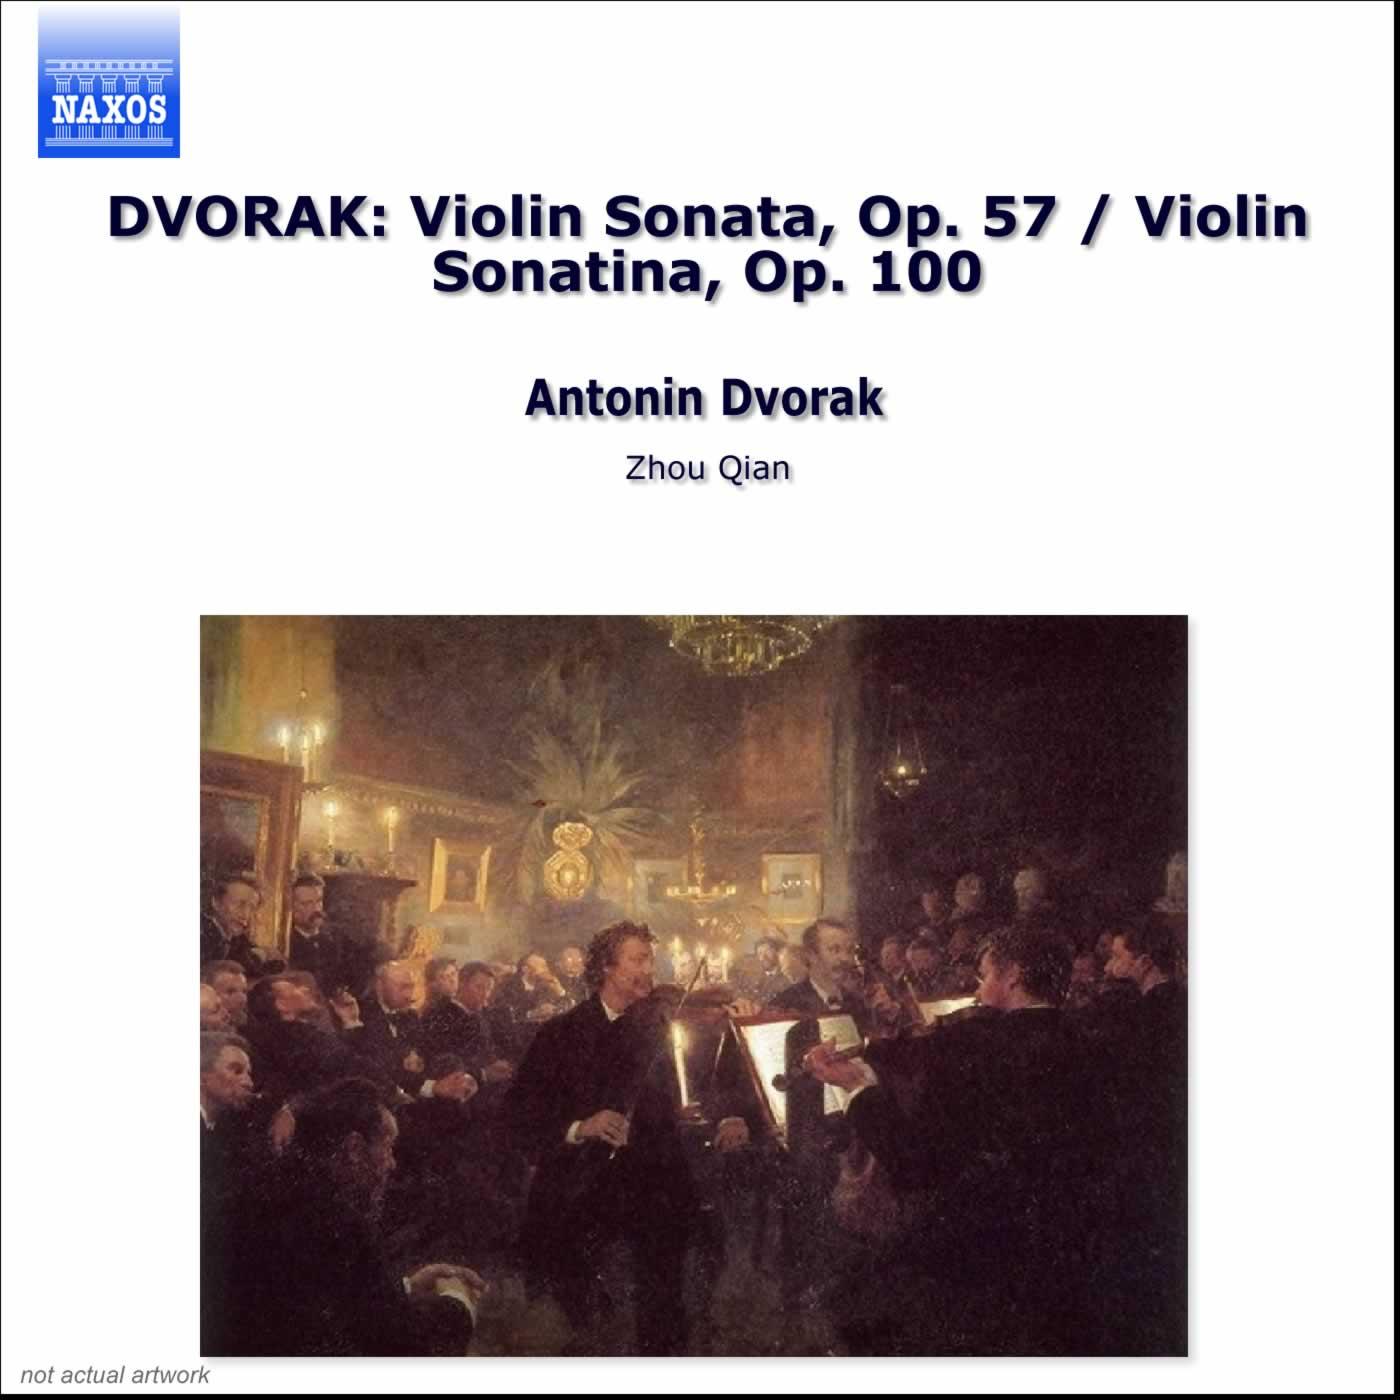 Dvorak: Violin Sonata, Op. 57 - Violin Sonatina, Op. 100